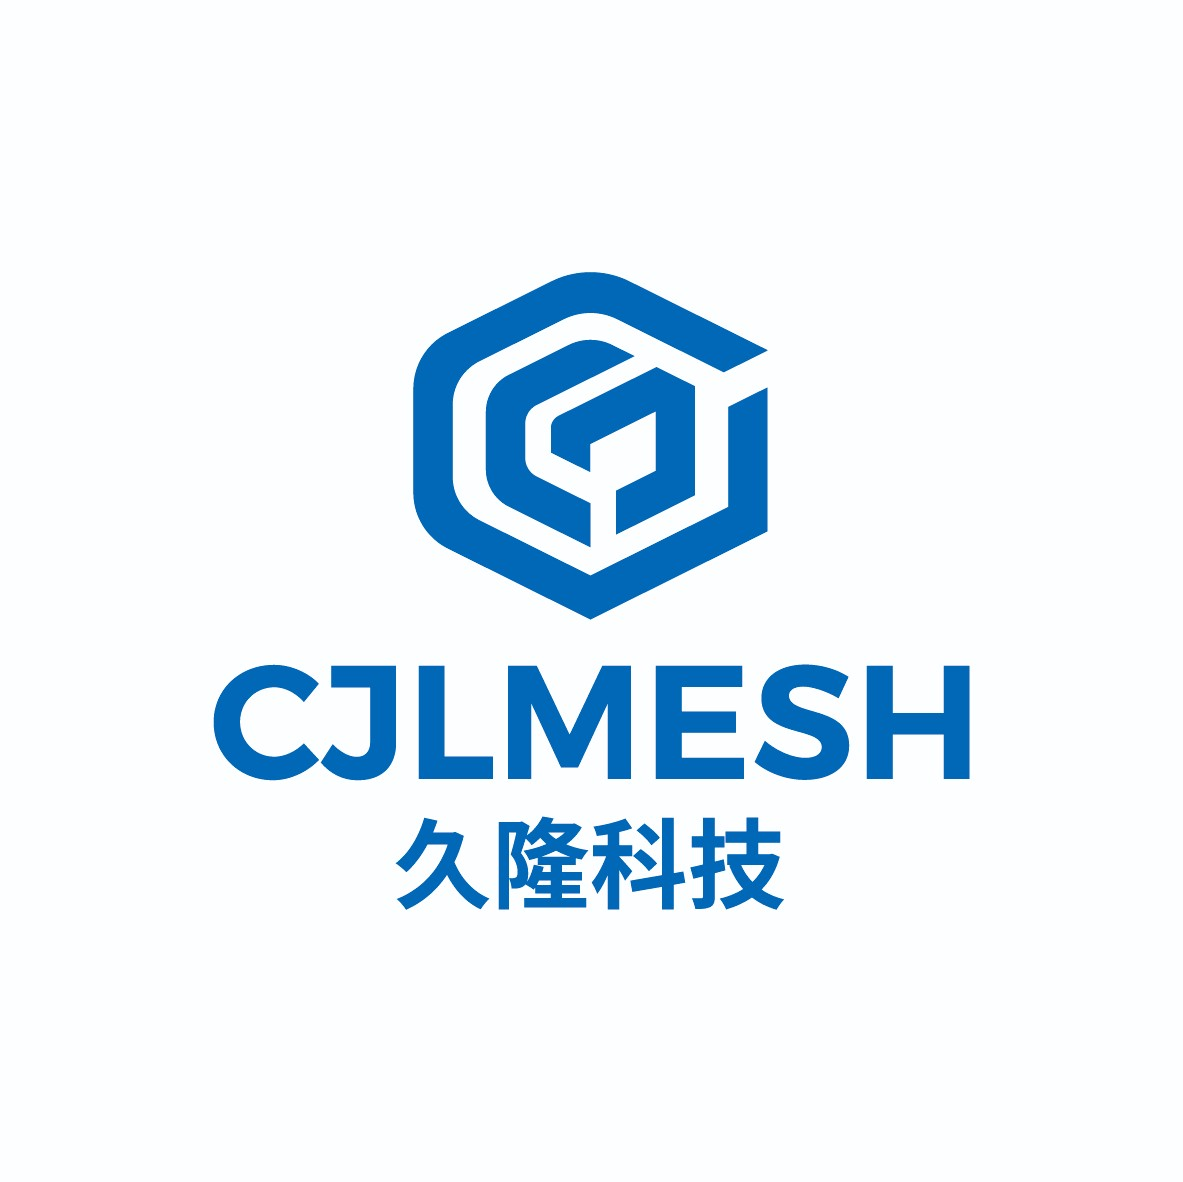 CJLMESH防尘网(声学网)